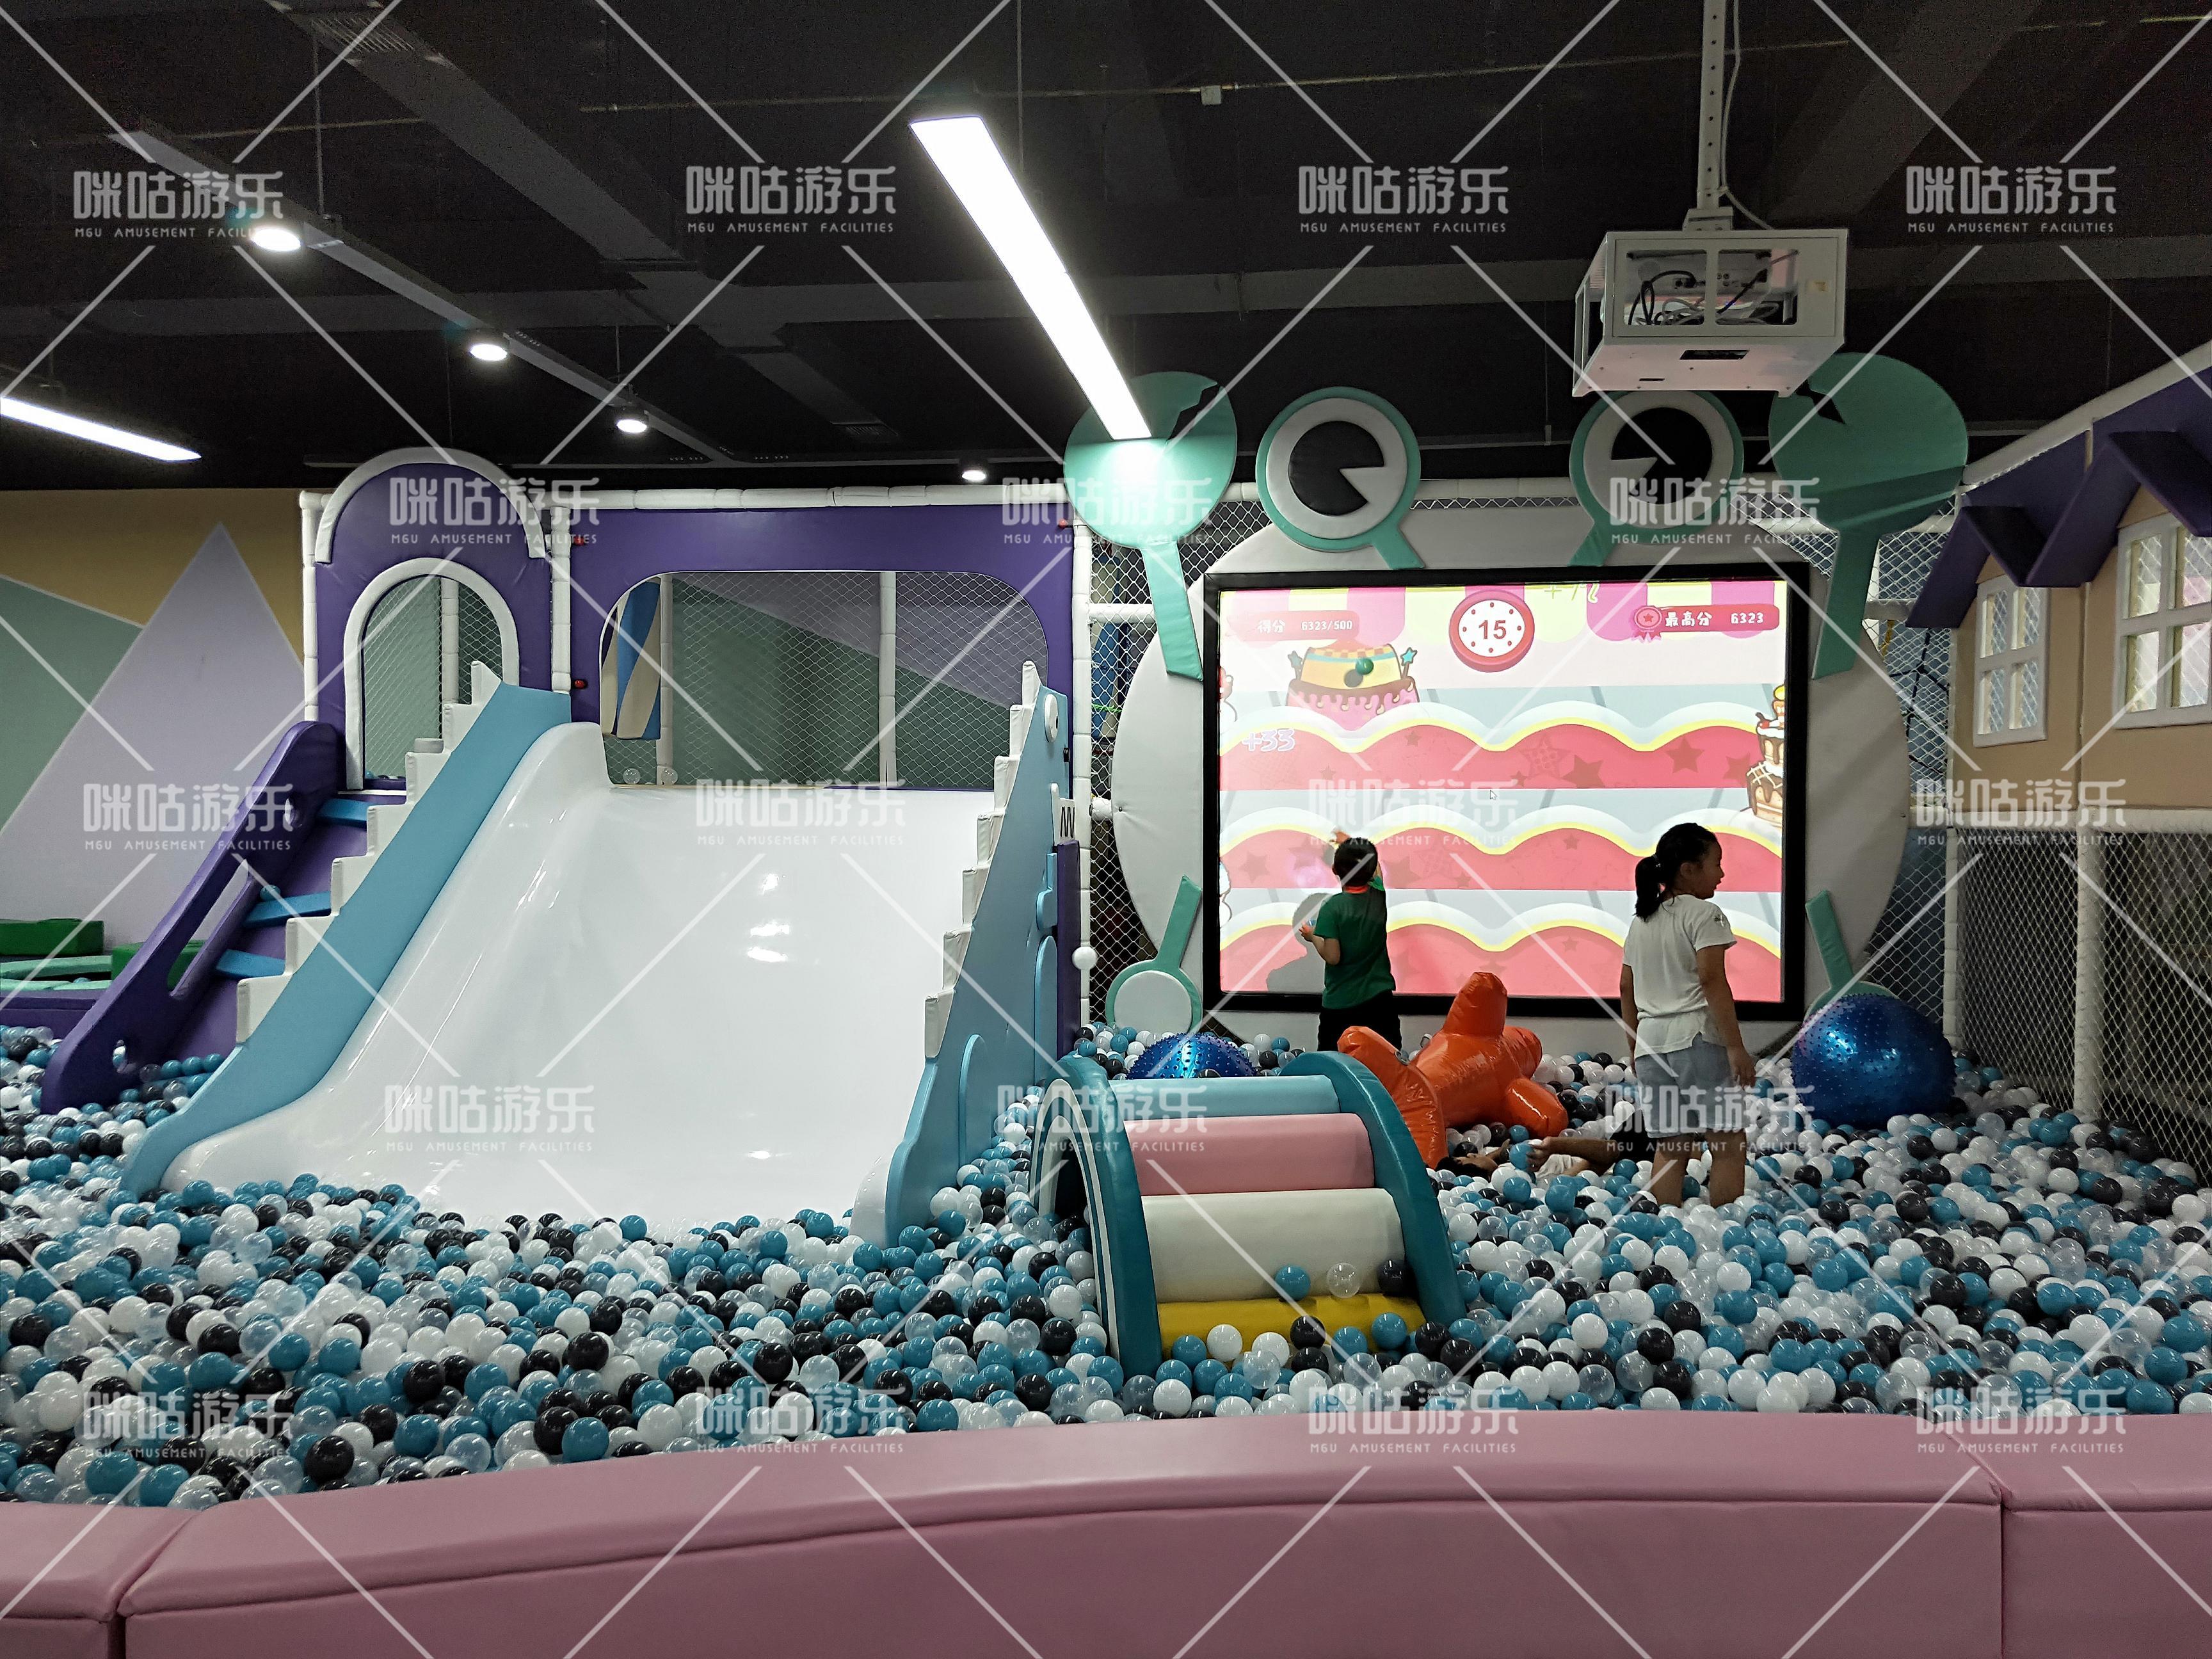 微信图片_20200429155852.jpg 儿童游乐园的生意怎么样? 加盟资讯 游乐设备第2张